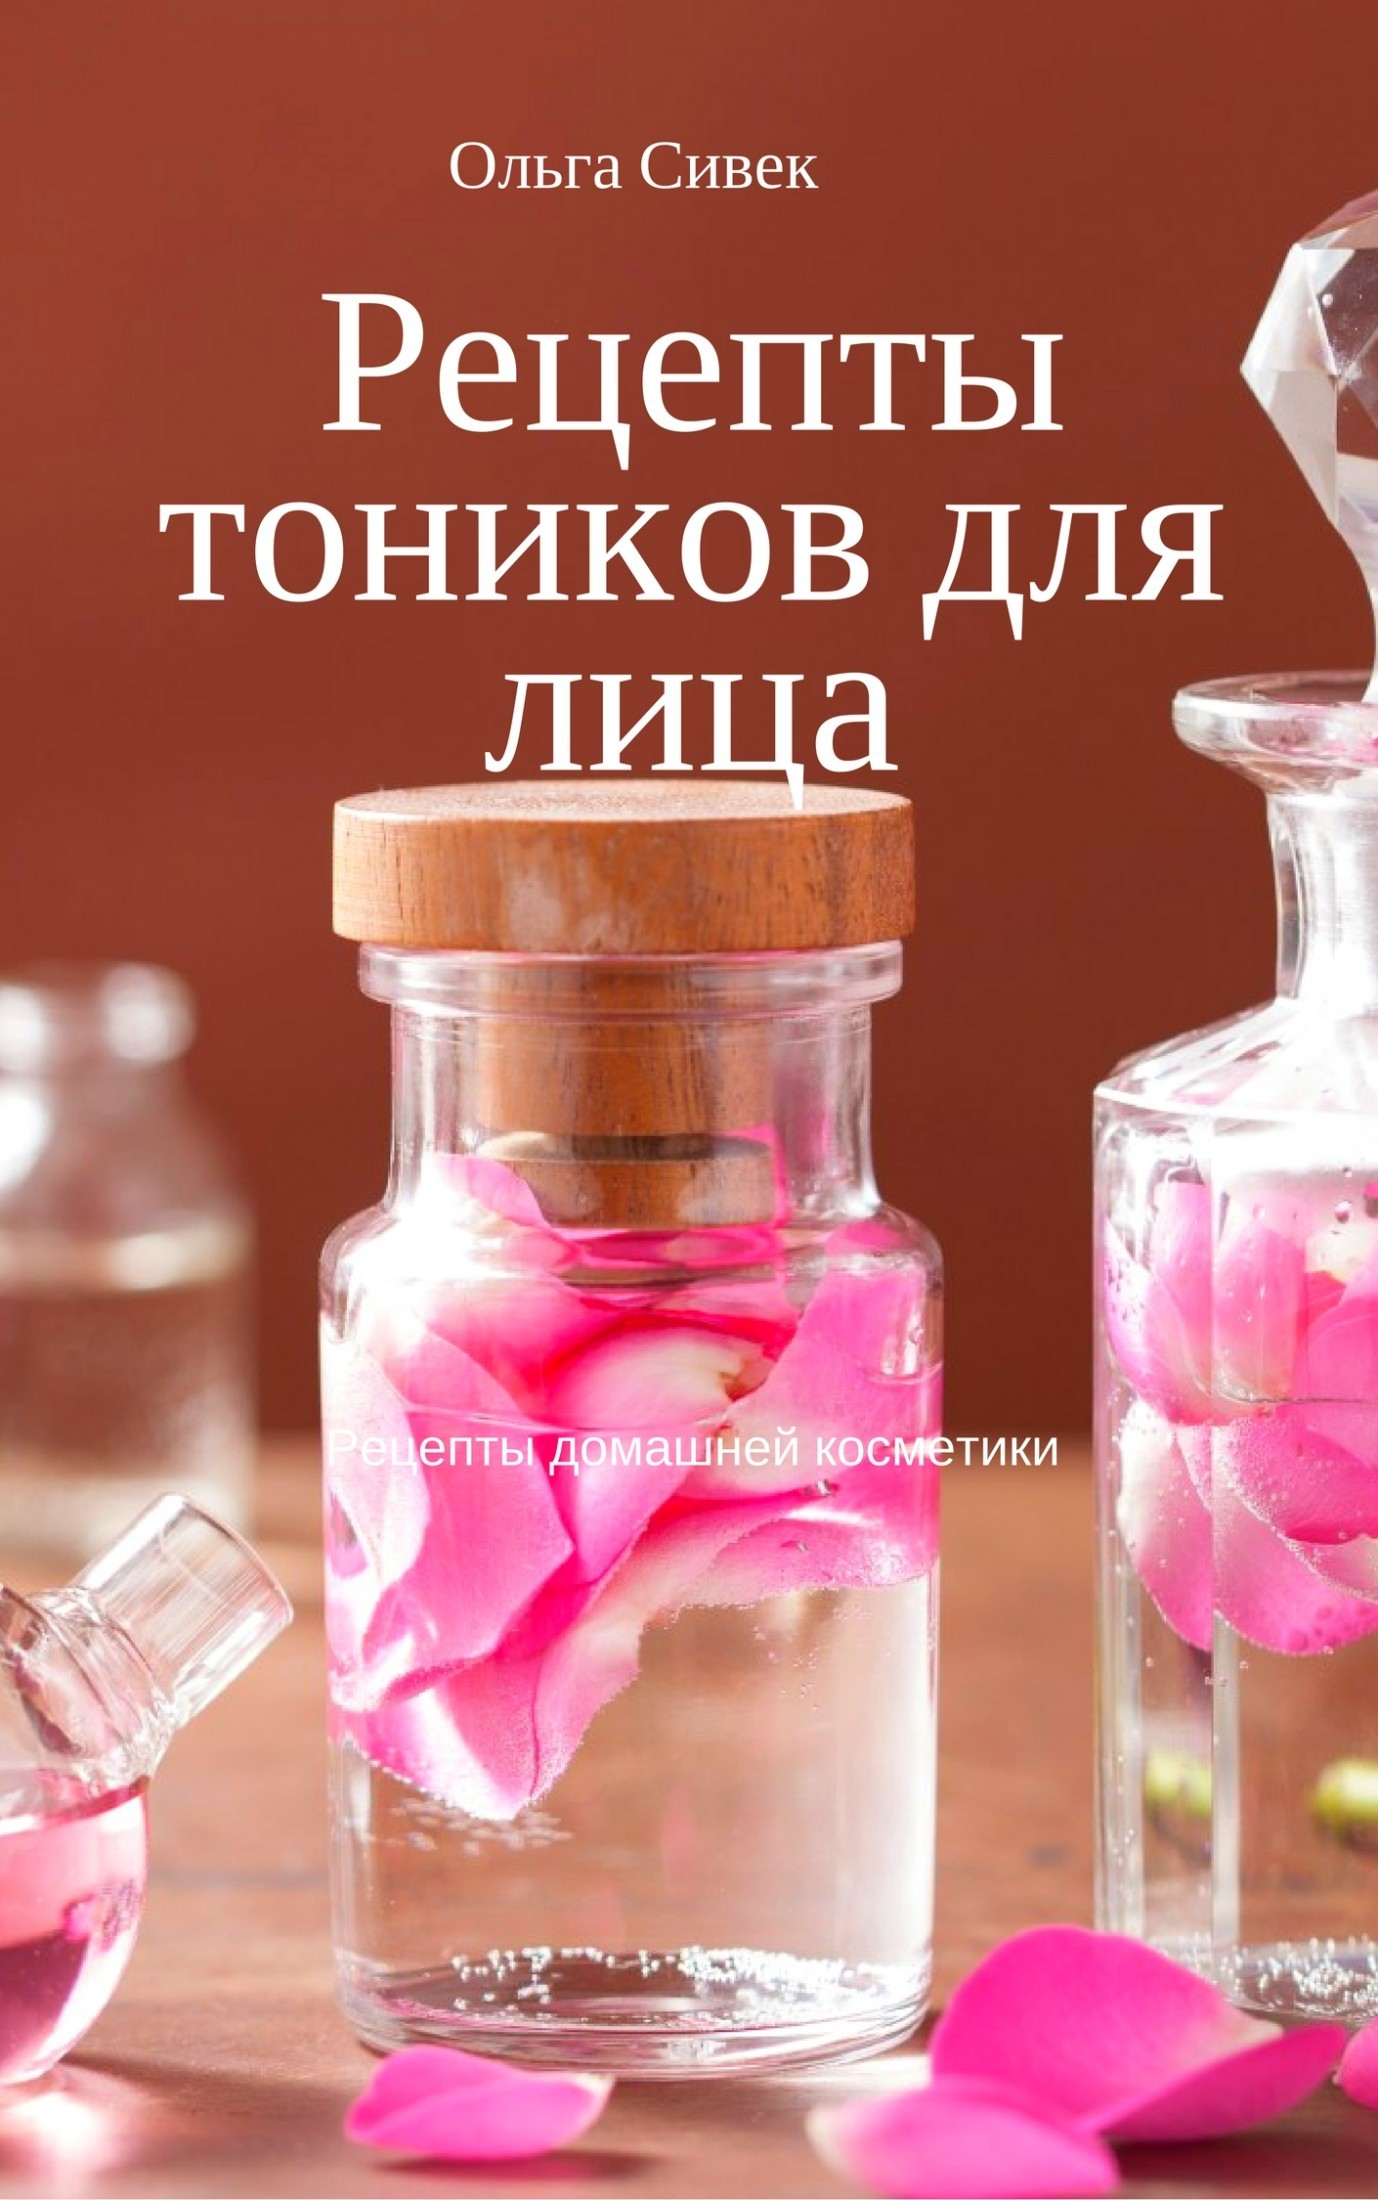 интригующее повествование в книге Ольга Сивек